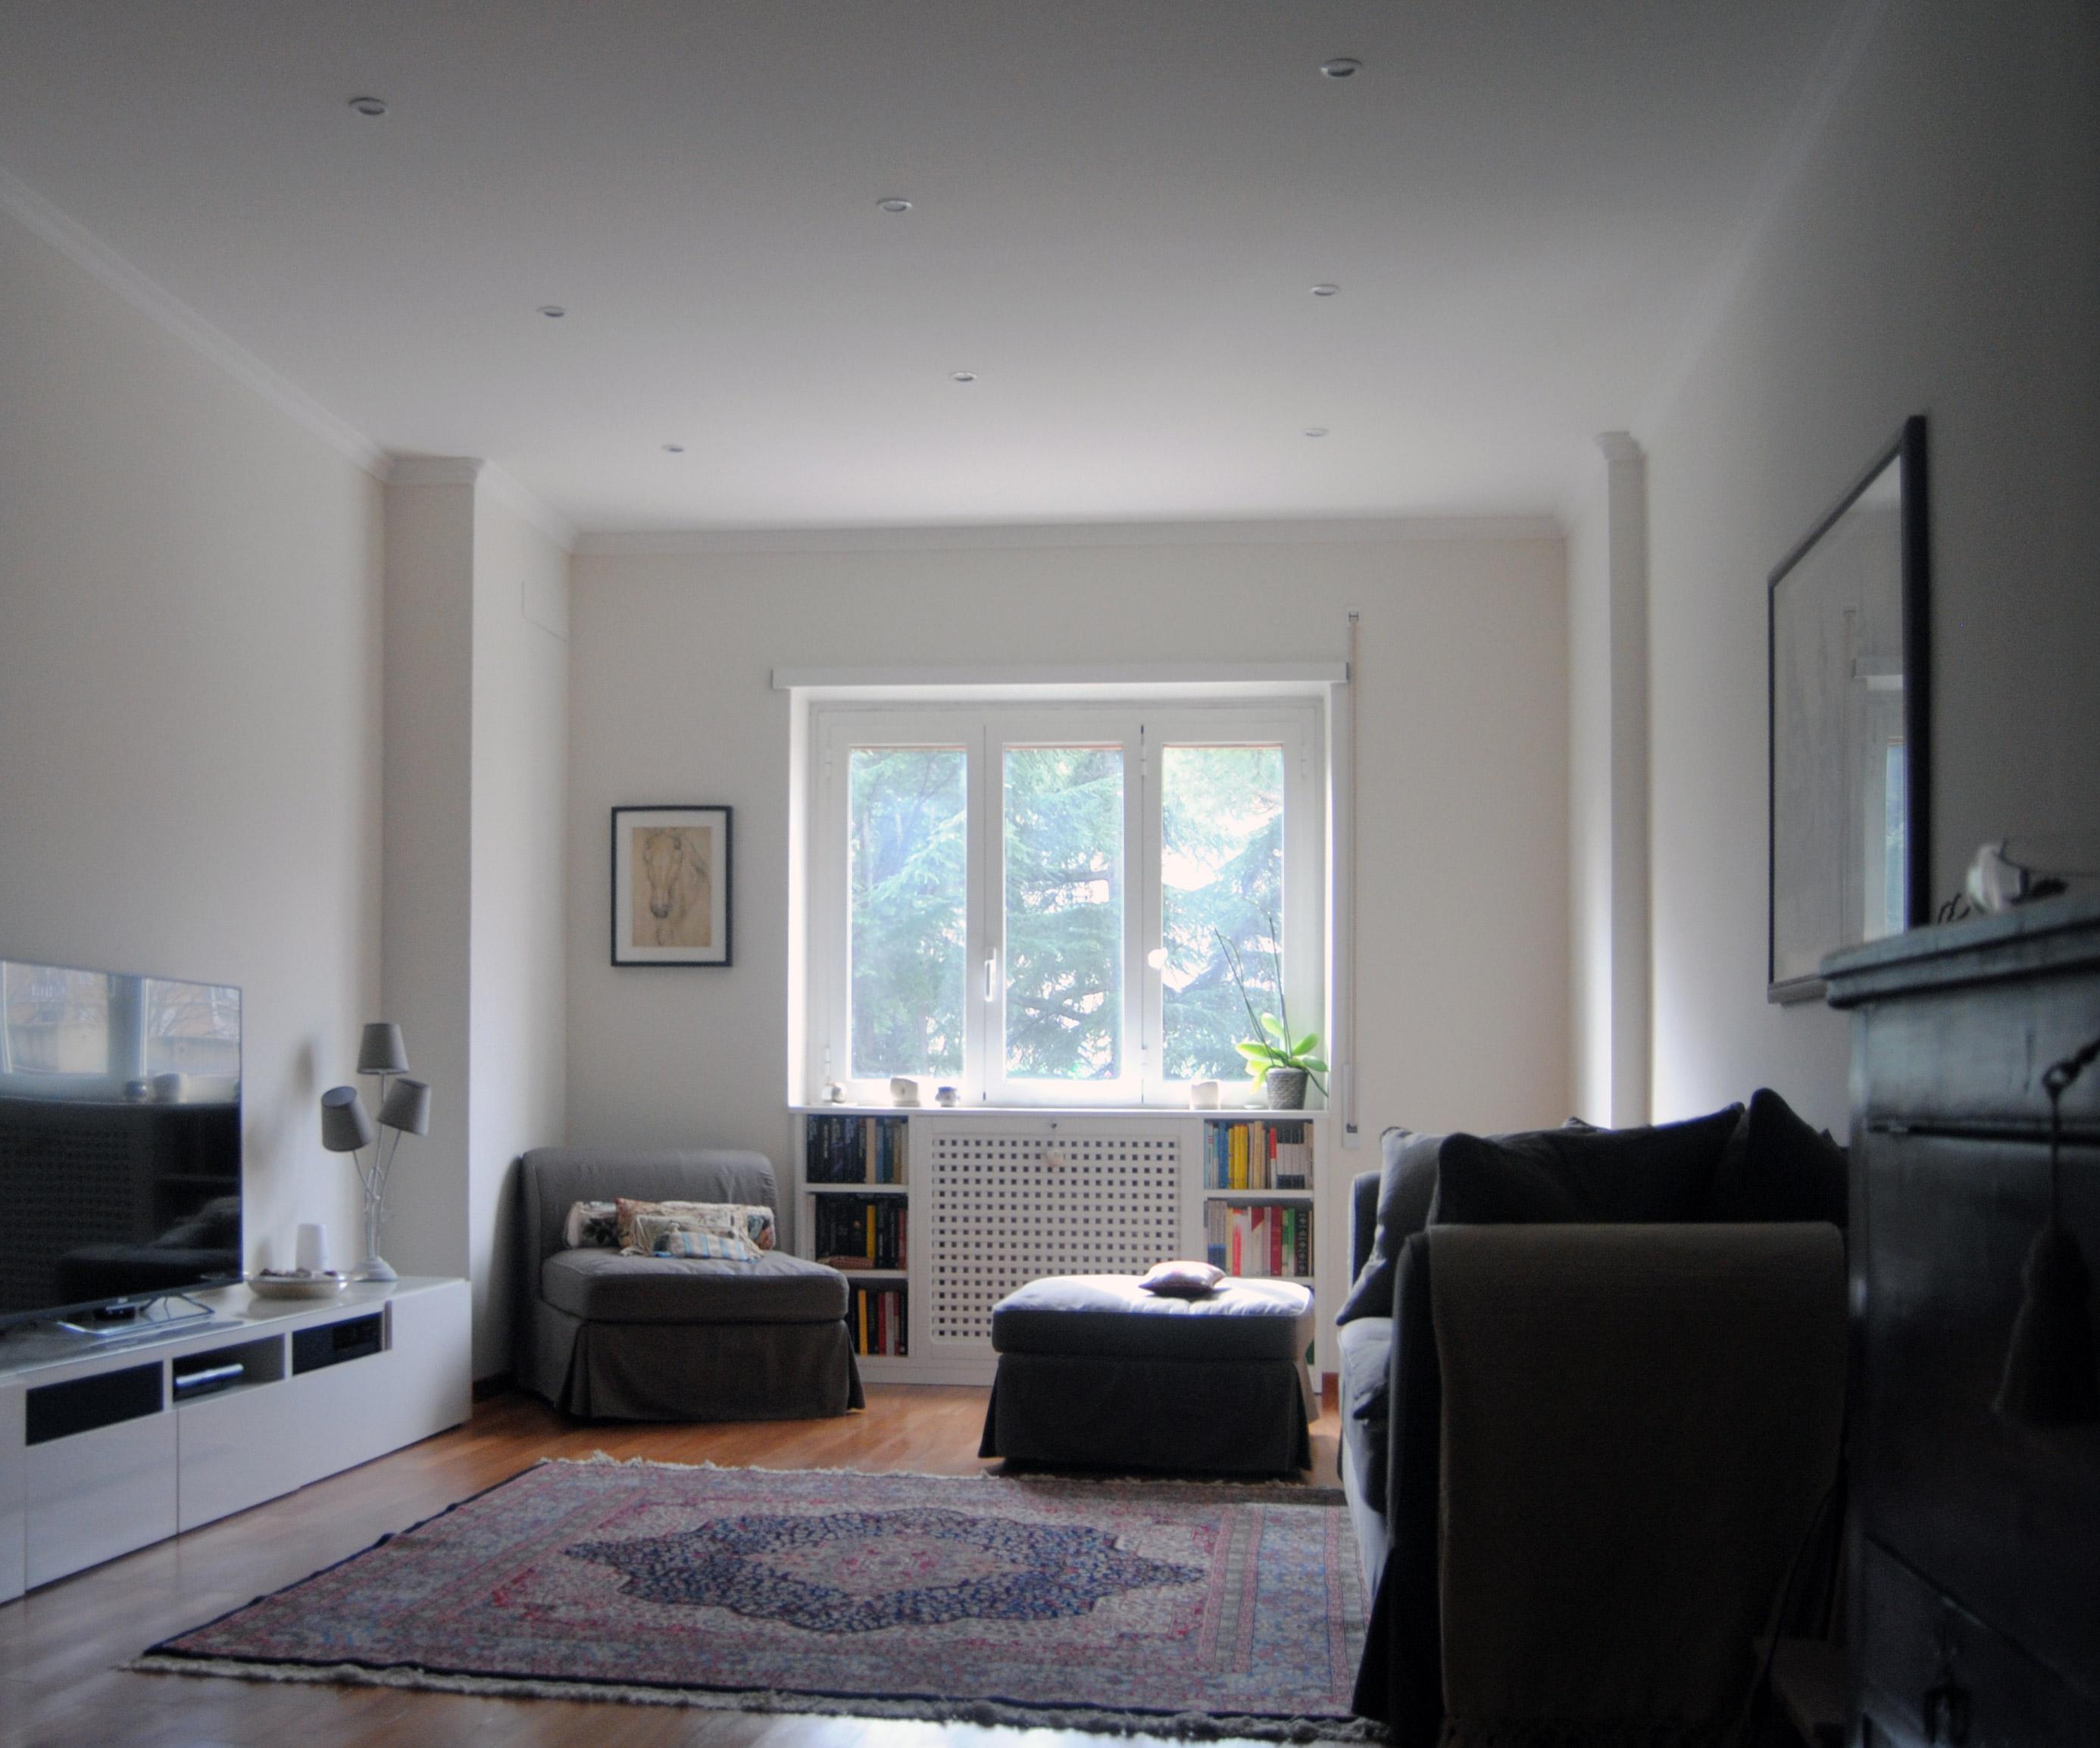 Ristrutturazione appartamento in zona cinecitta roma for Case in ristrutturazione